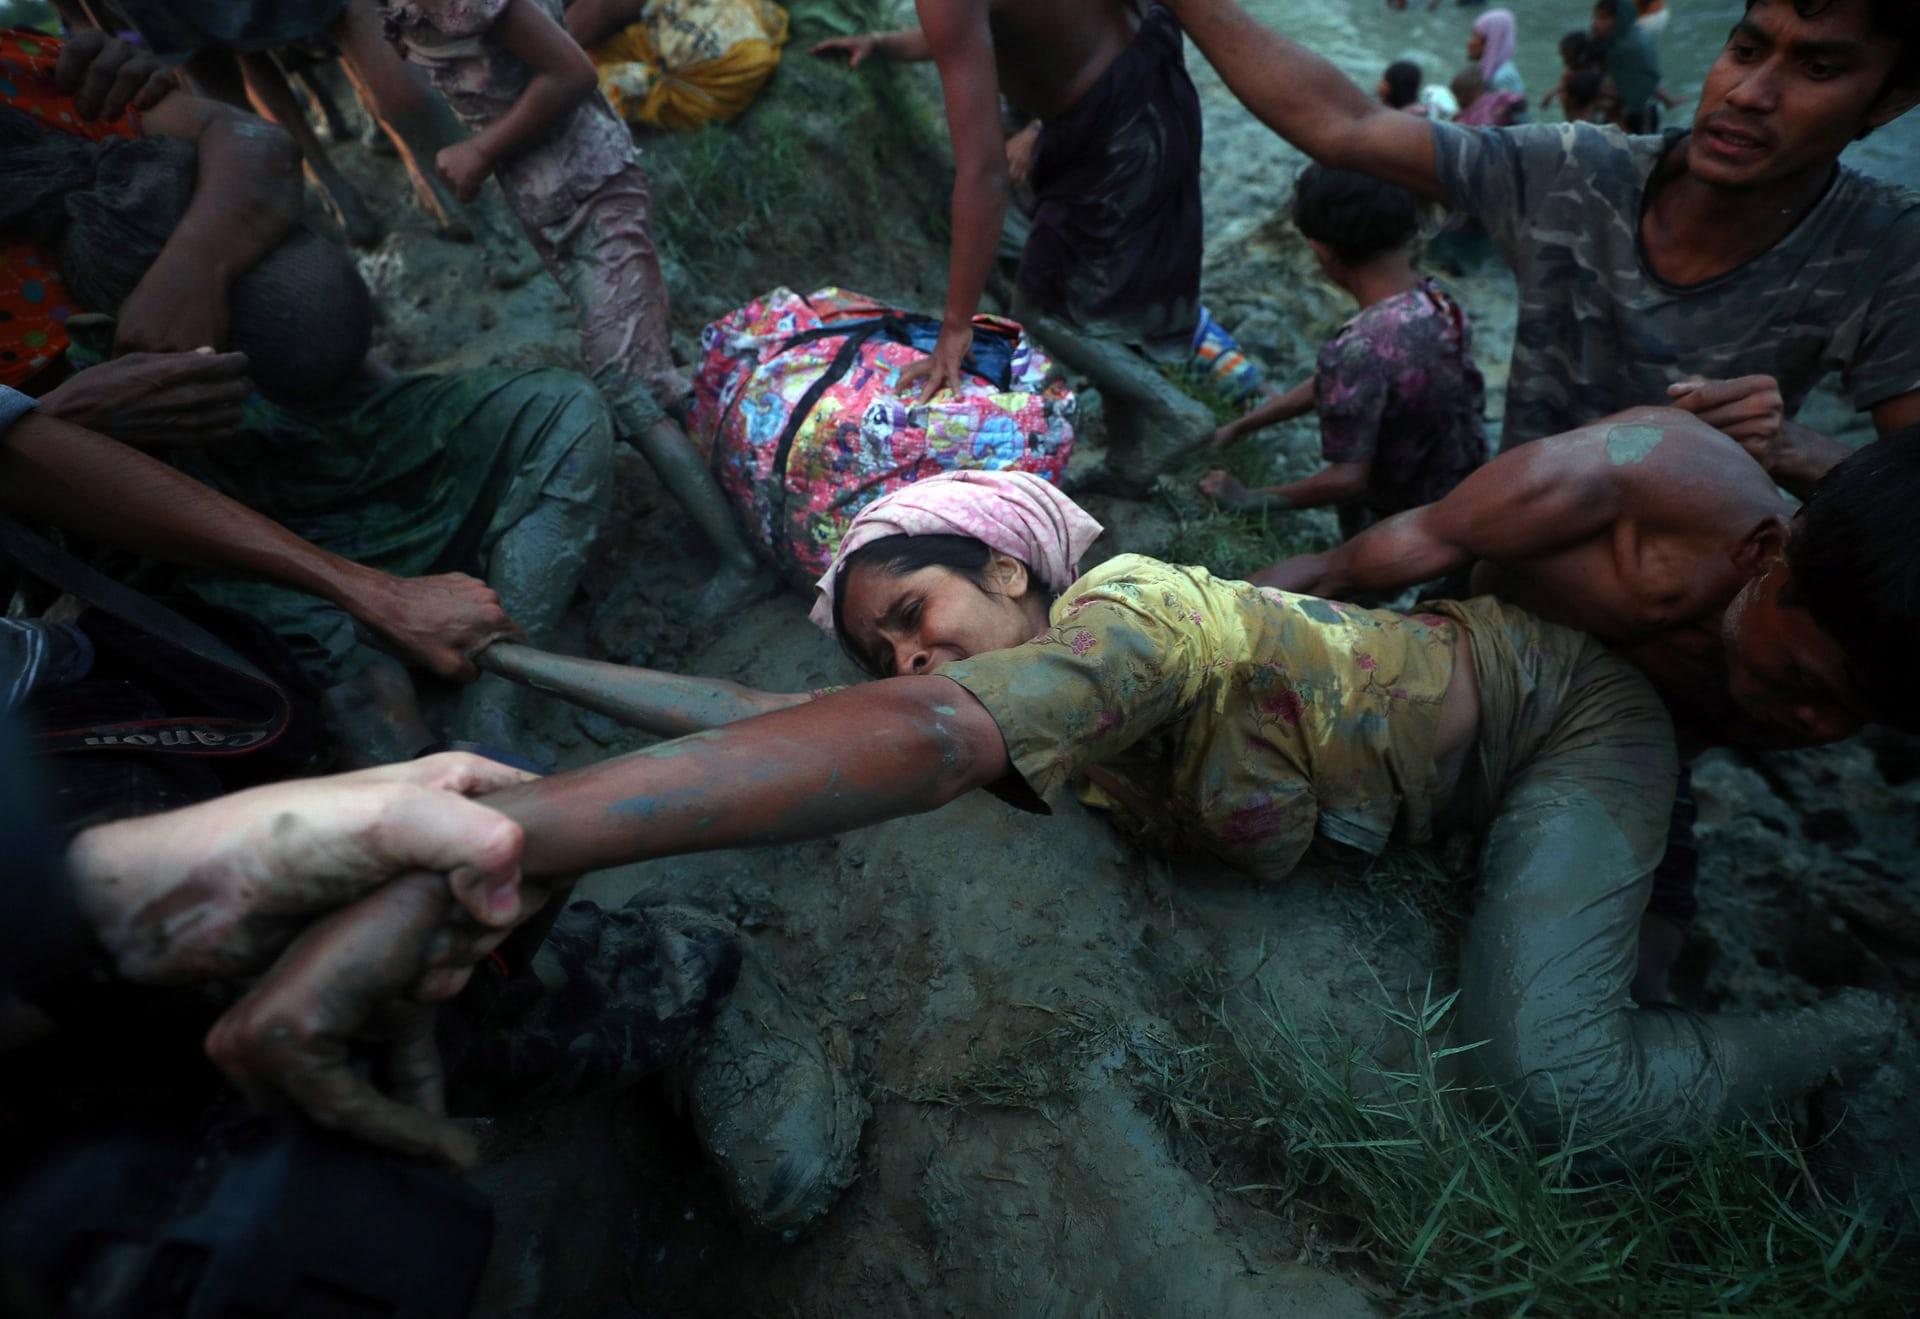 لاجئ الروهينجا اثناء وقوع احدهم في الطين